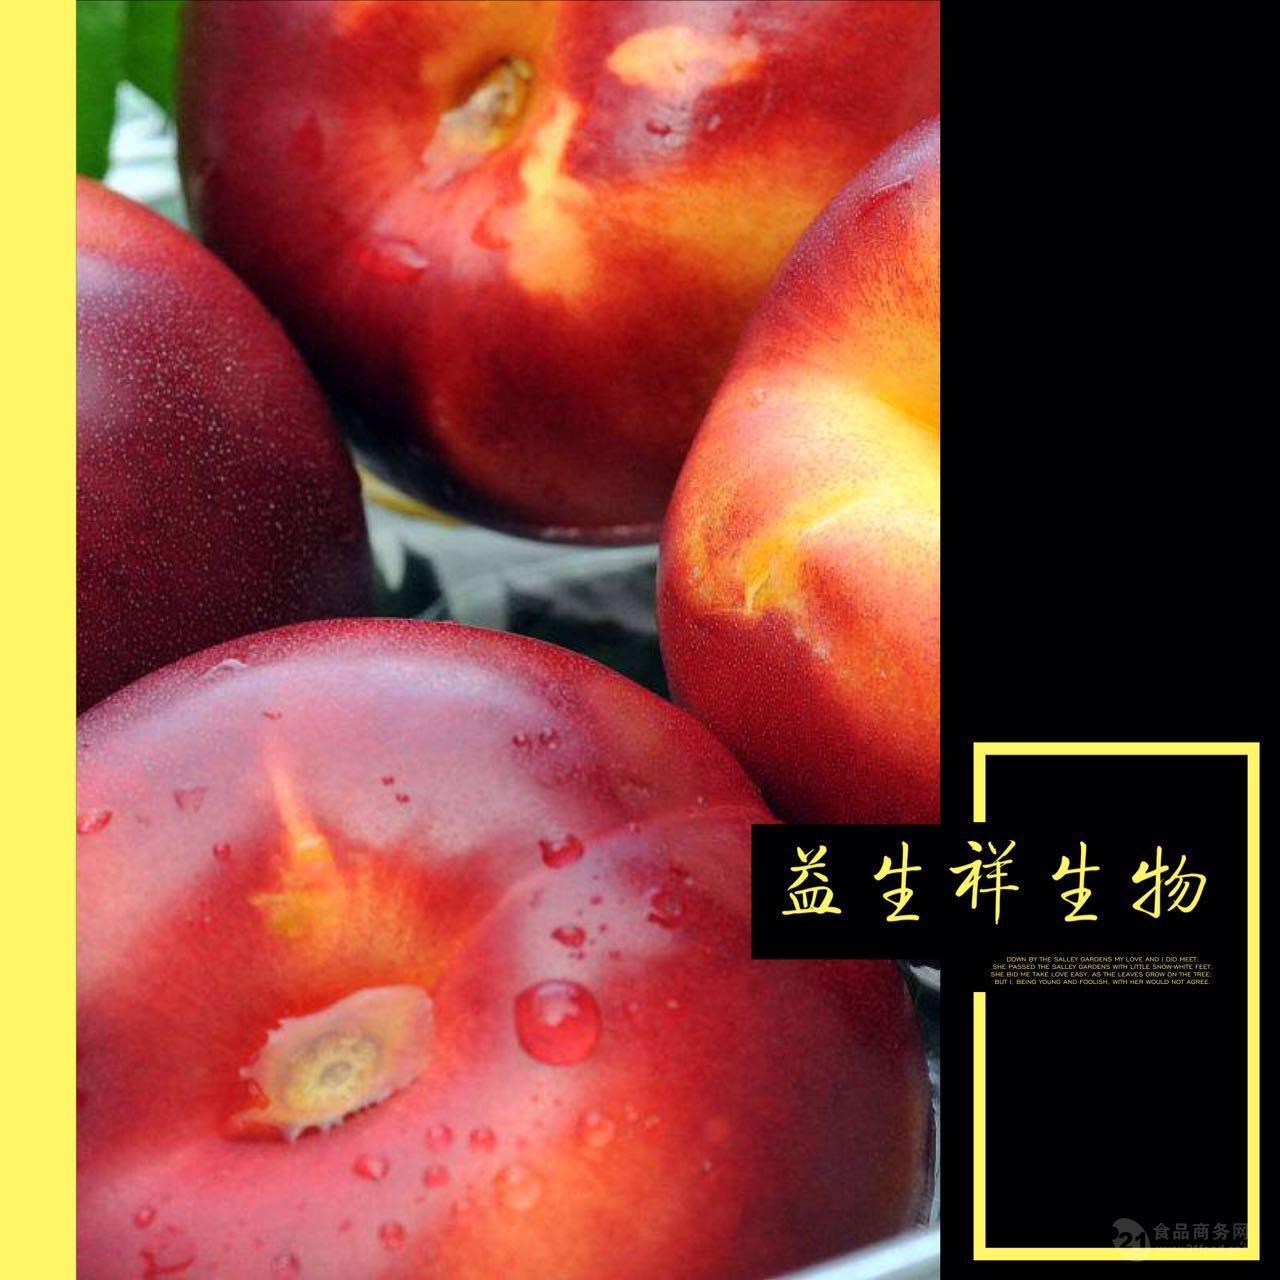 油桃粉 油桃提取物 益生祥植物提取物厂家直销